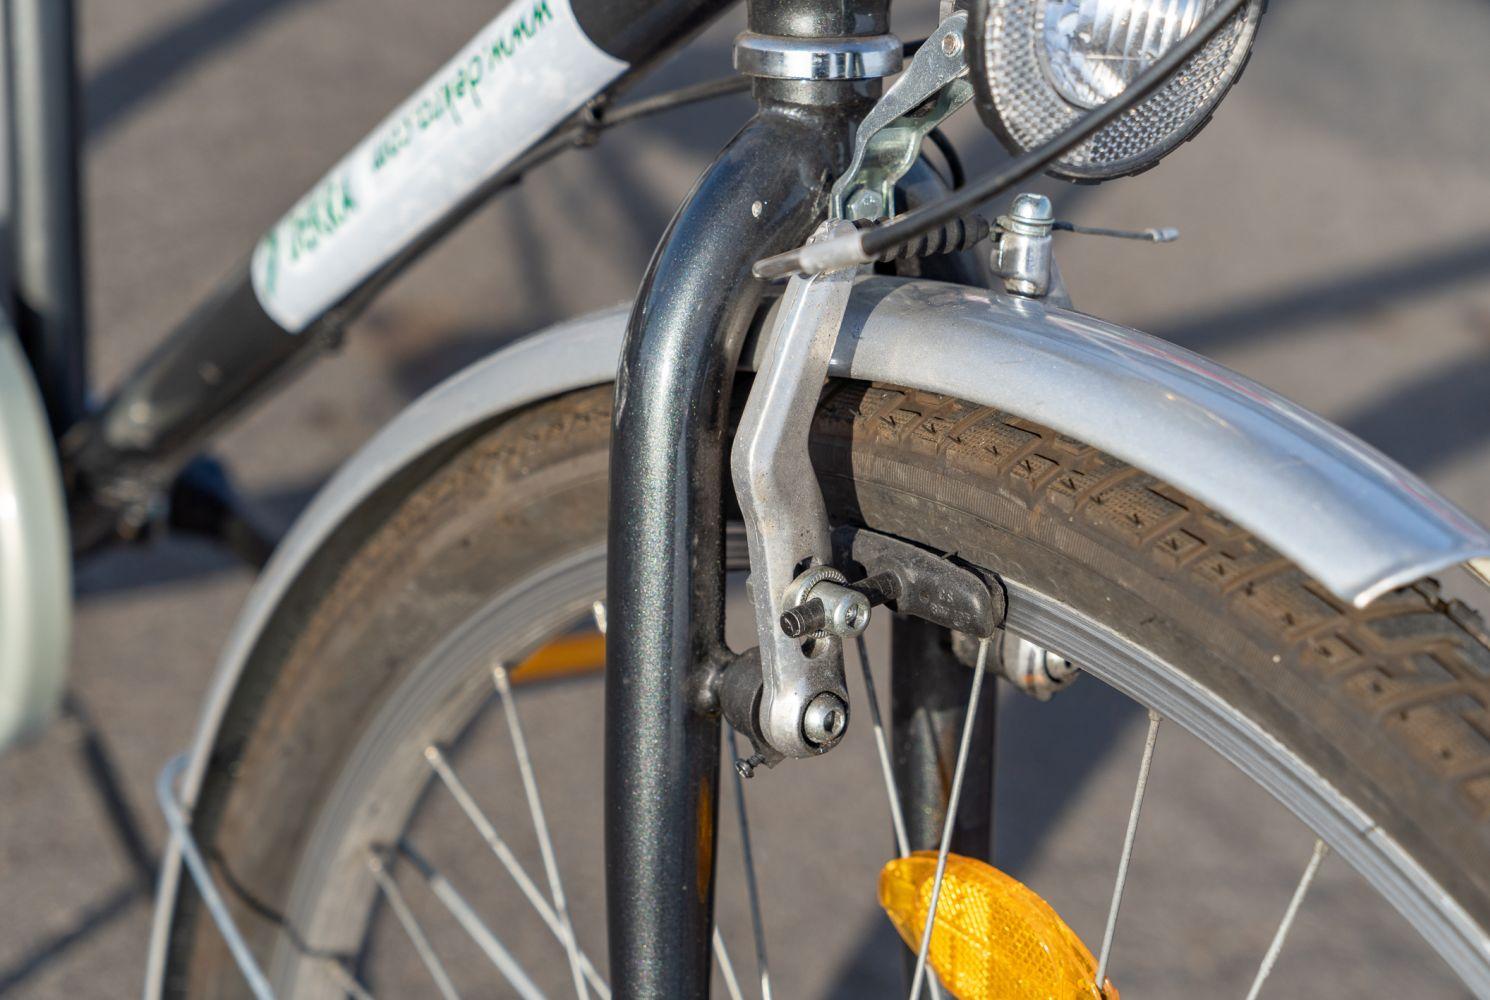 Fahrrad mit Felgenbremse. Foto: DEKRA